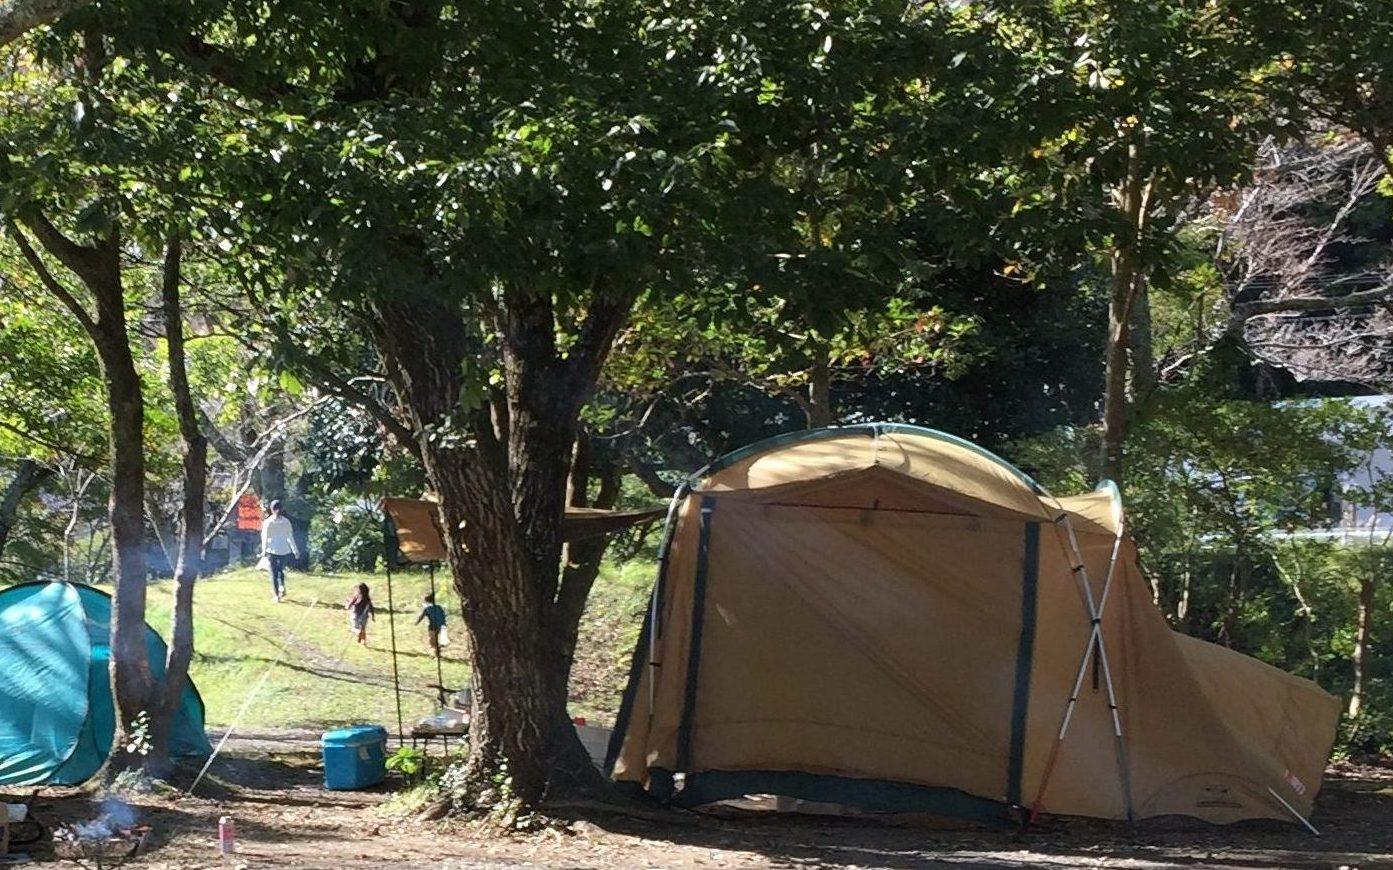 ならここキャンプ場一般サイトで秋キャンプ